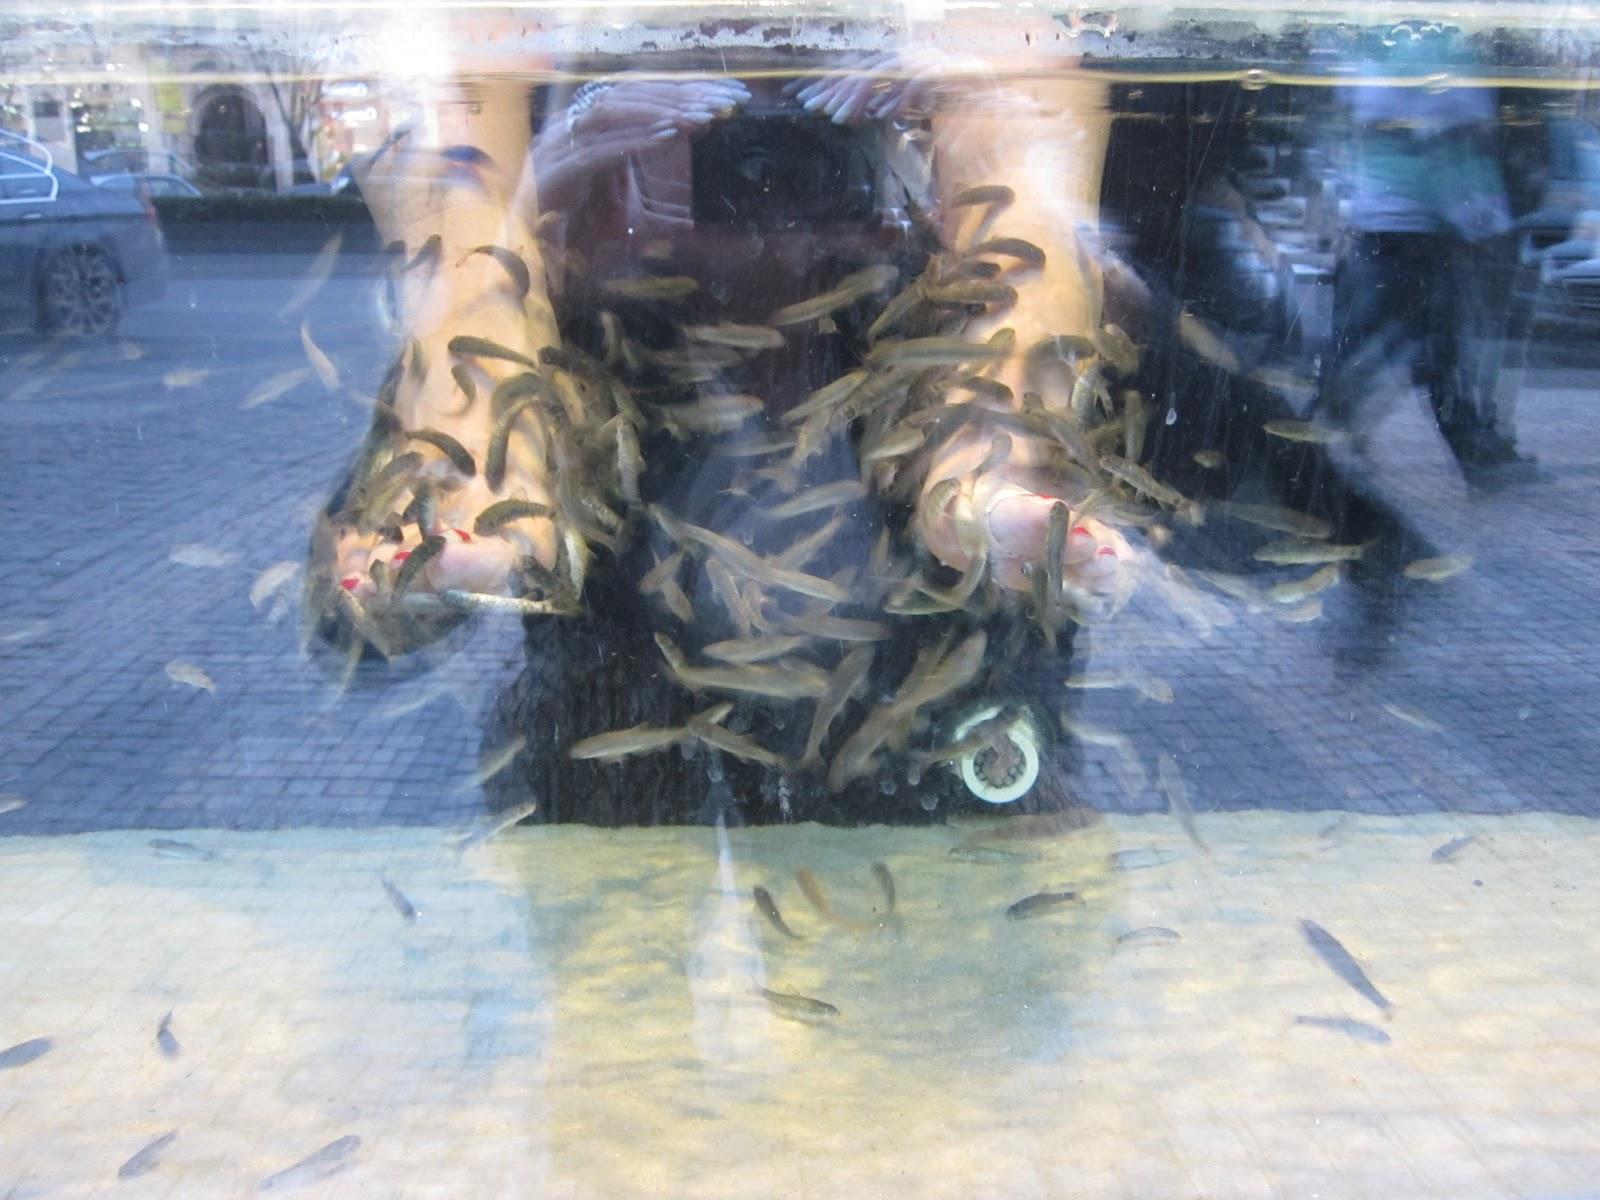 My drivel piranha pedicure for Fish pedicure utah